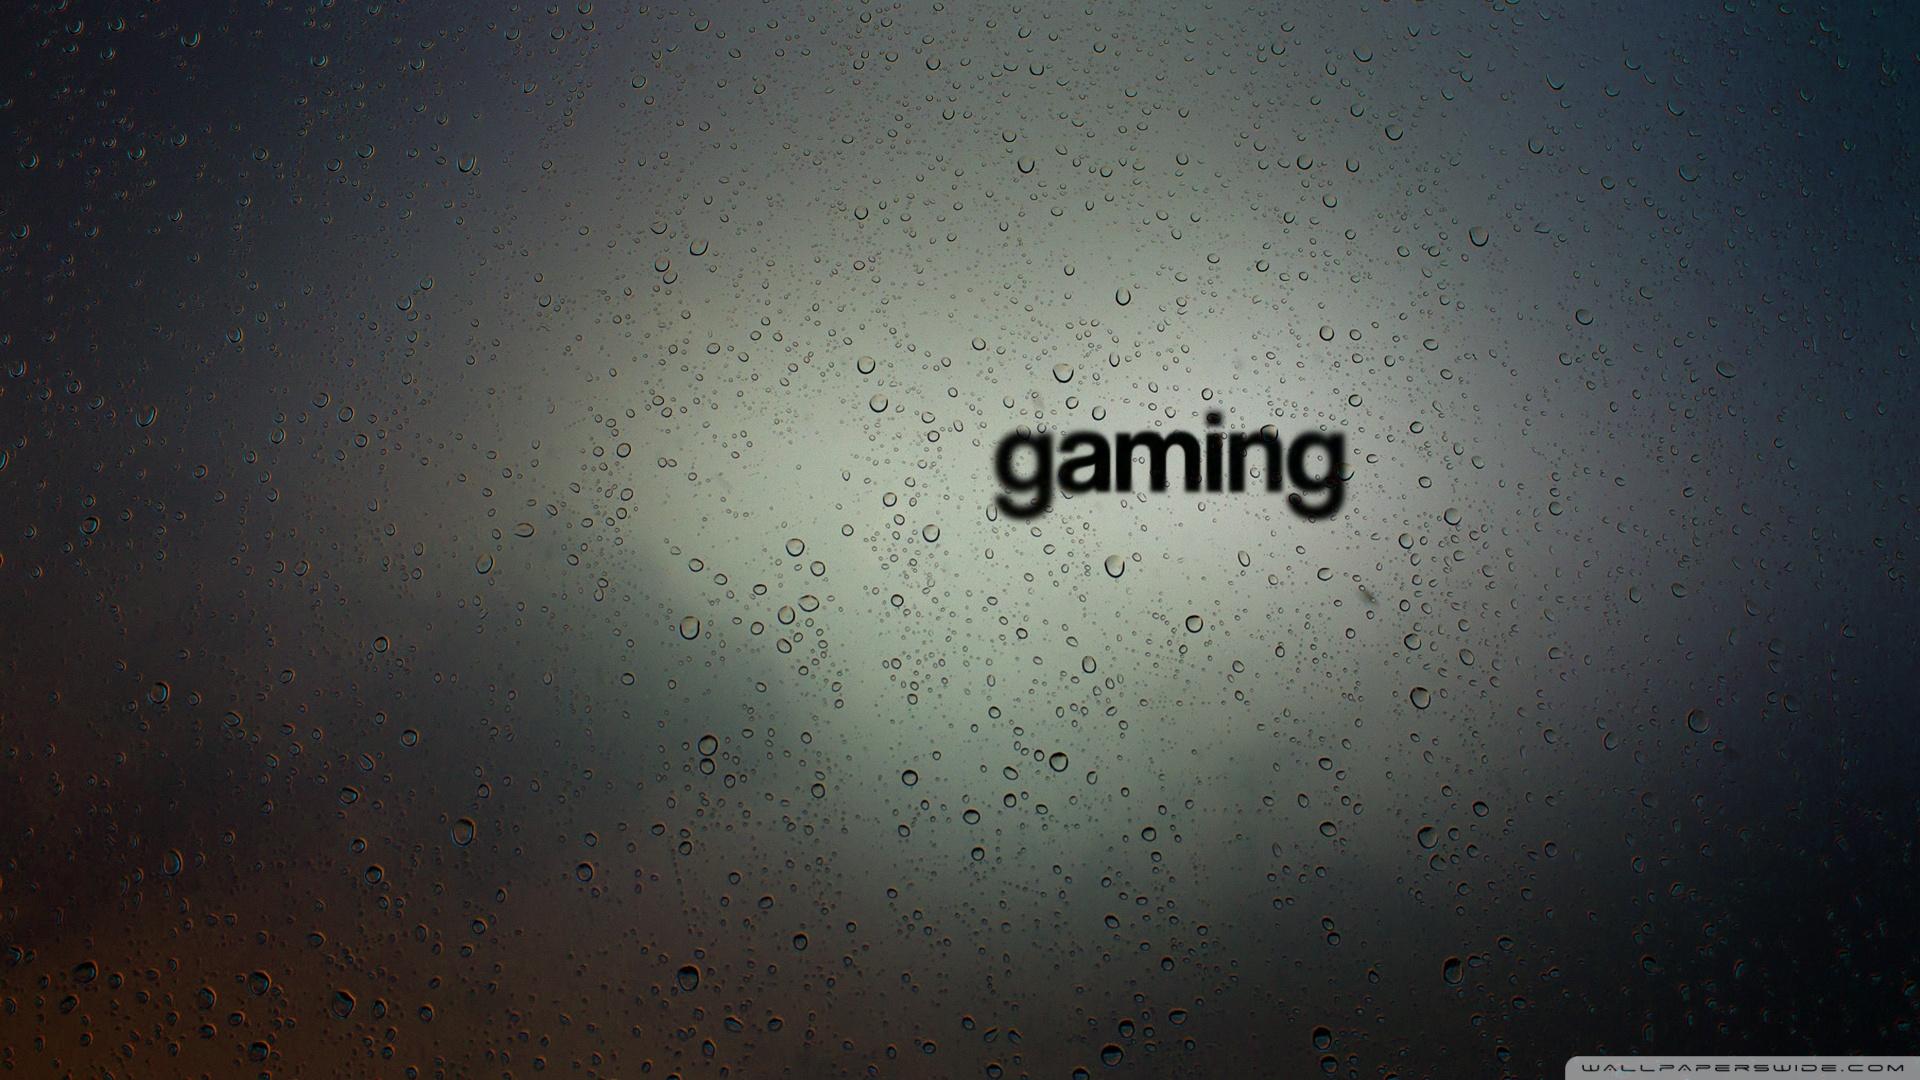 Razer gaming computer game wallpaper background html code - Gaming Wallpapers 1920x1080 Wallpapersafari